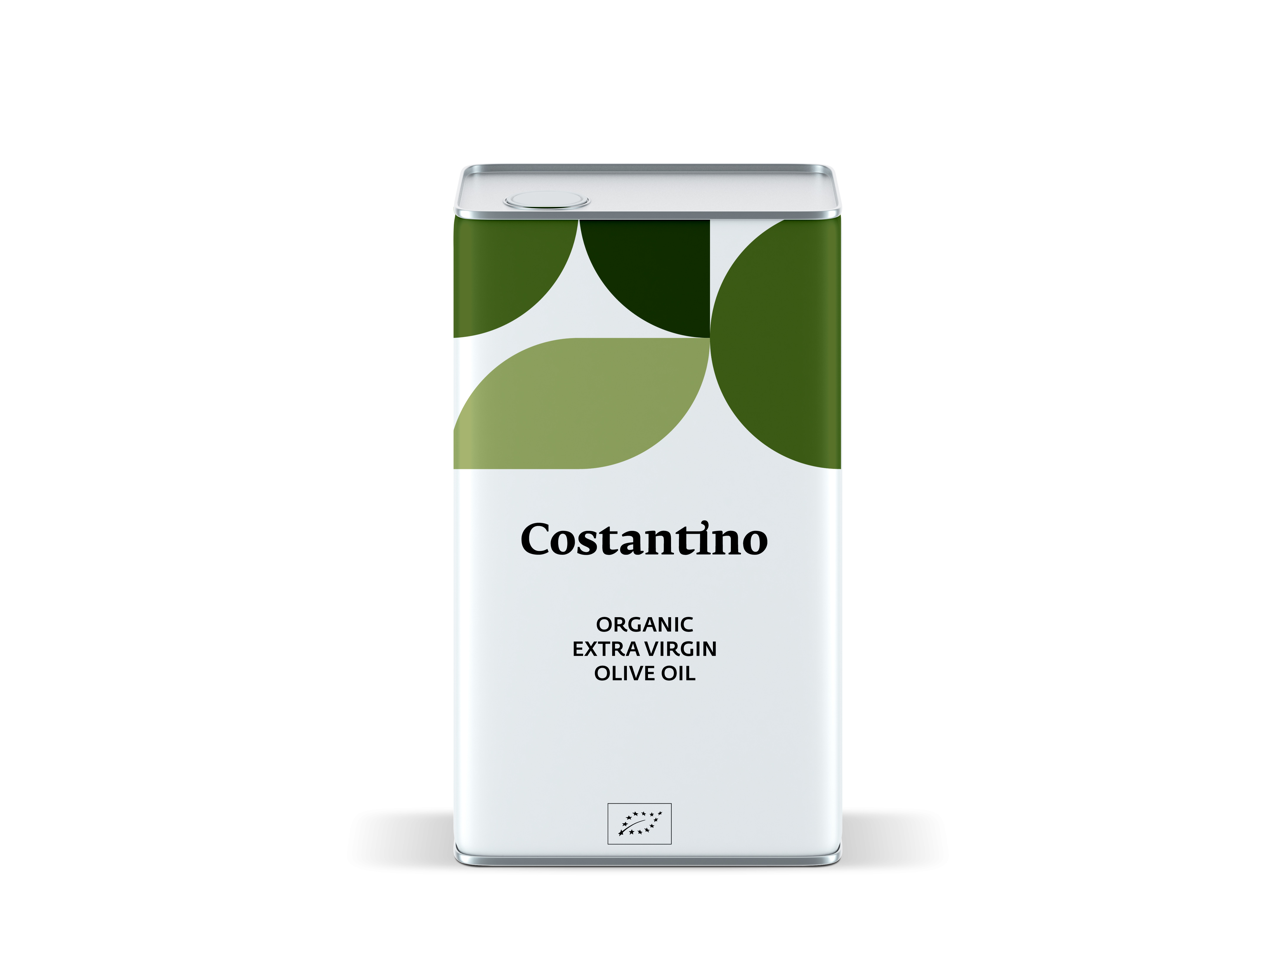 Costantino - Olio Extra Vergine d'Oliva Biologico - latta da 25l